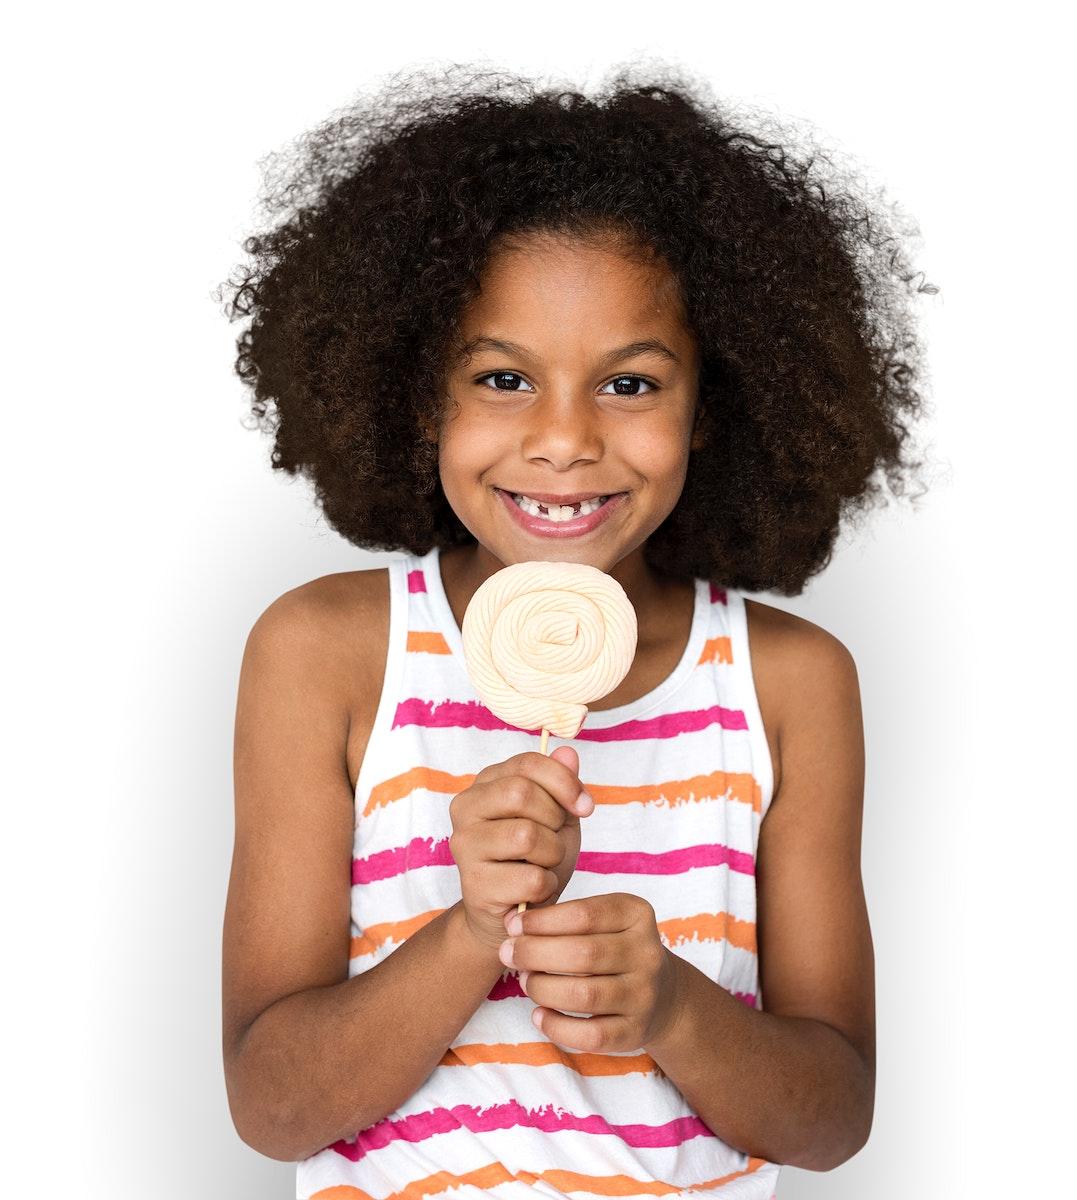 Little Girl Eating Lollipop Smiling